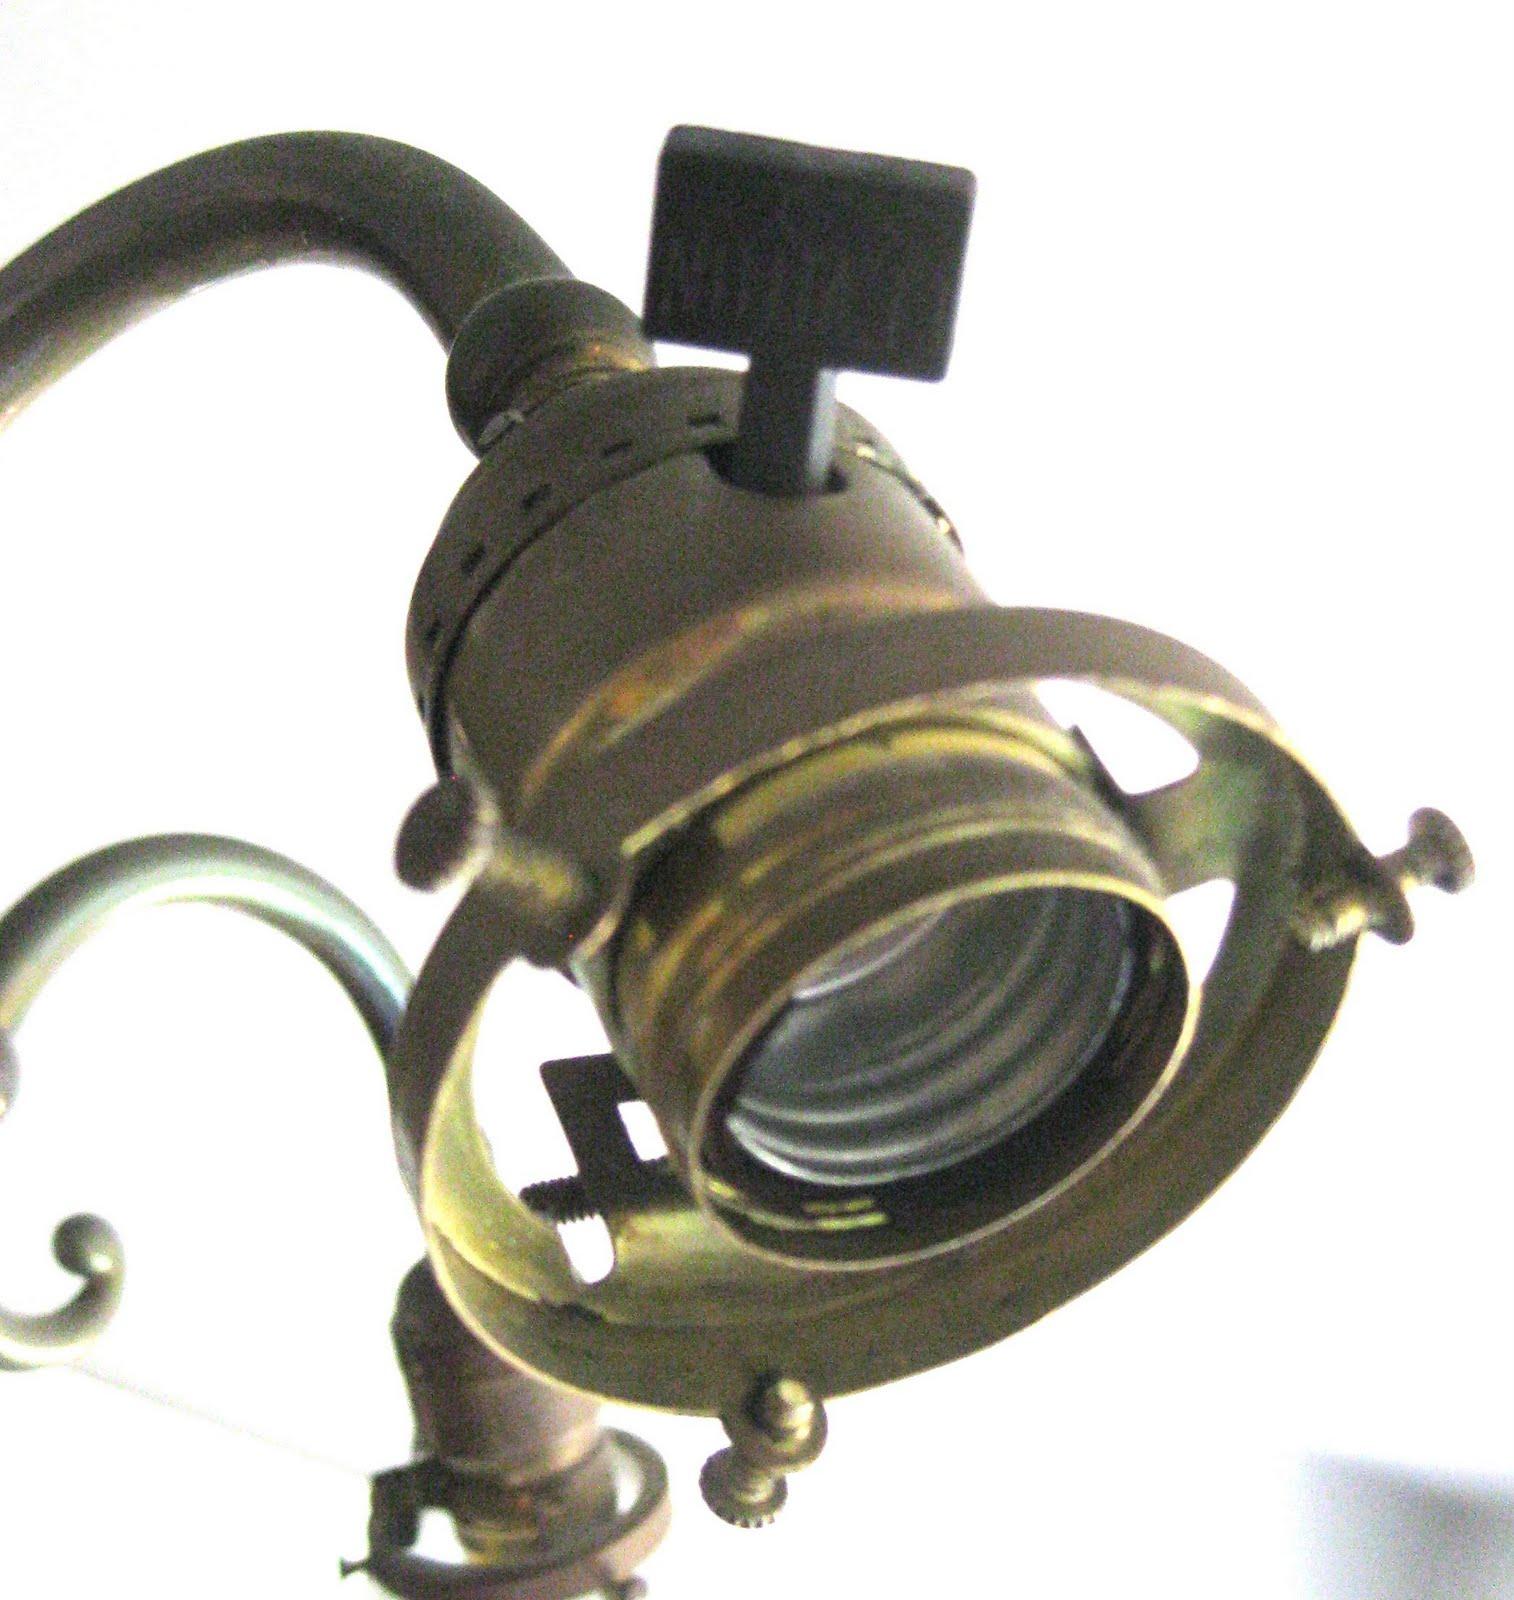 Wirerunner: Lamp Parts